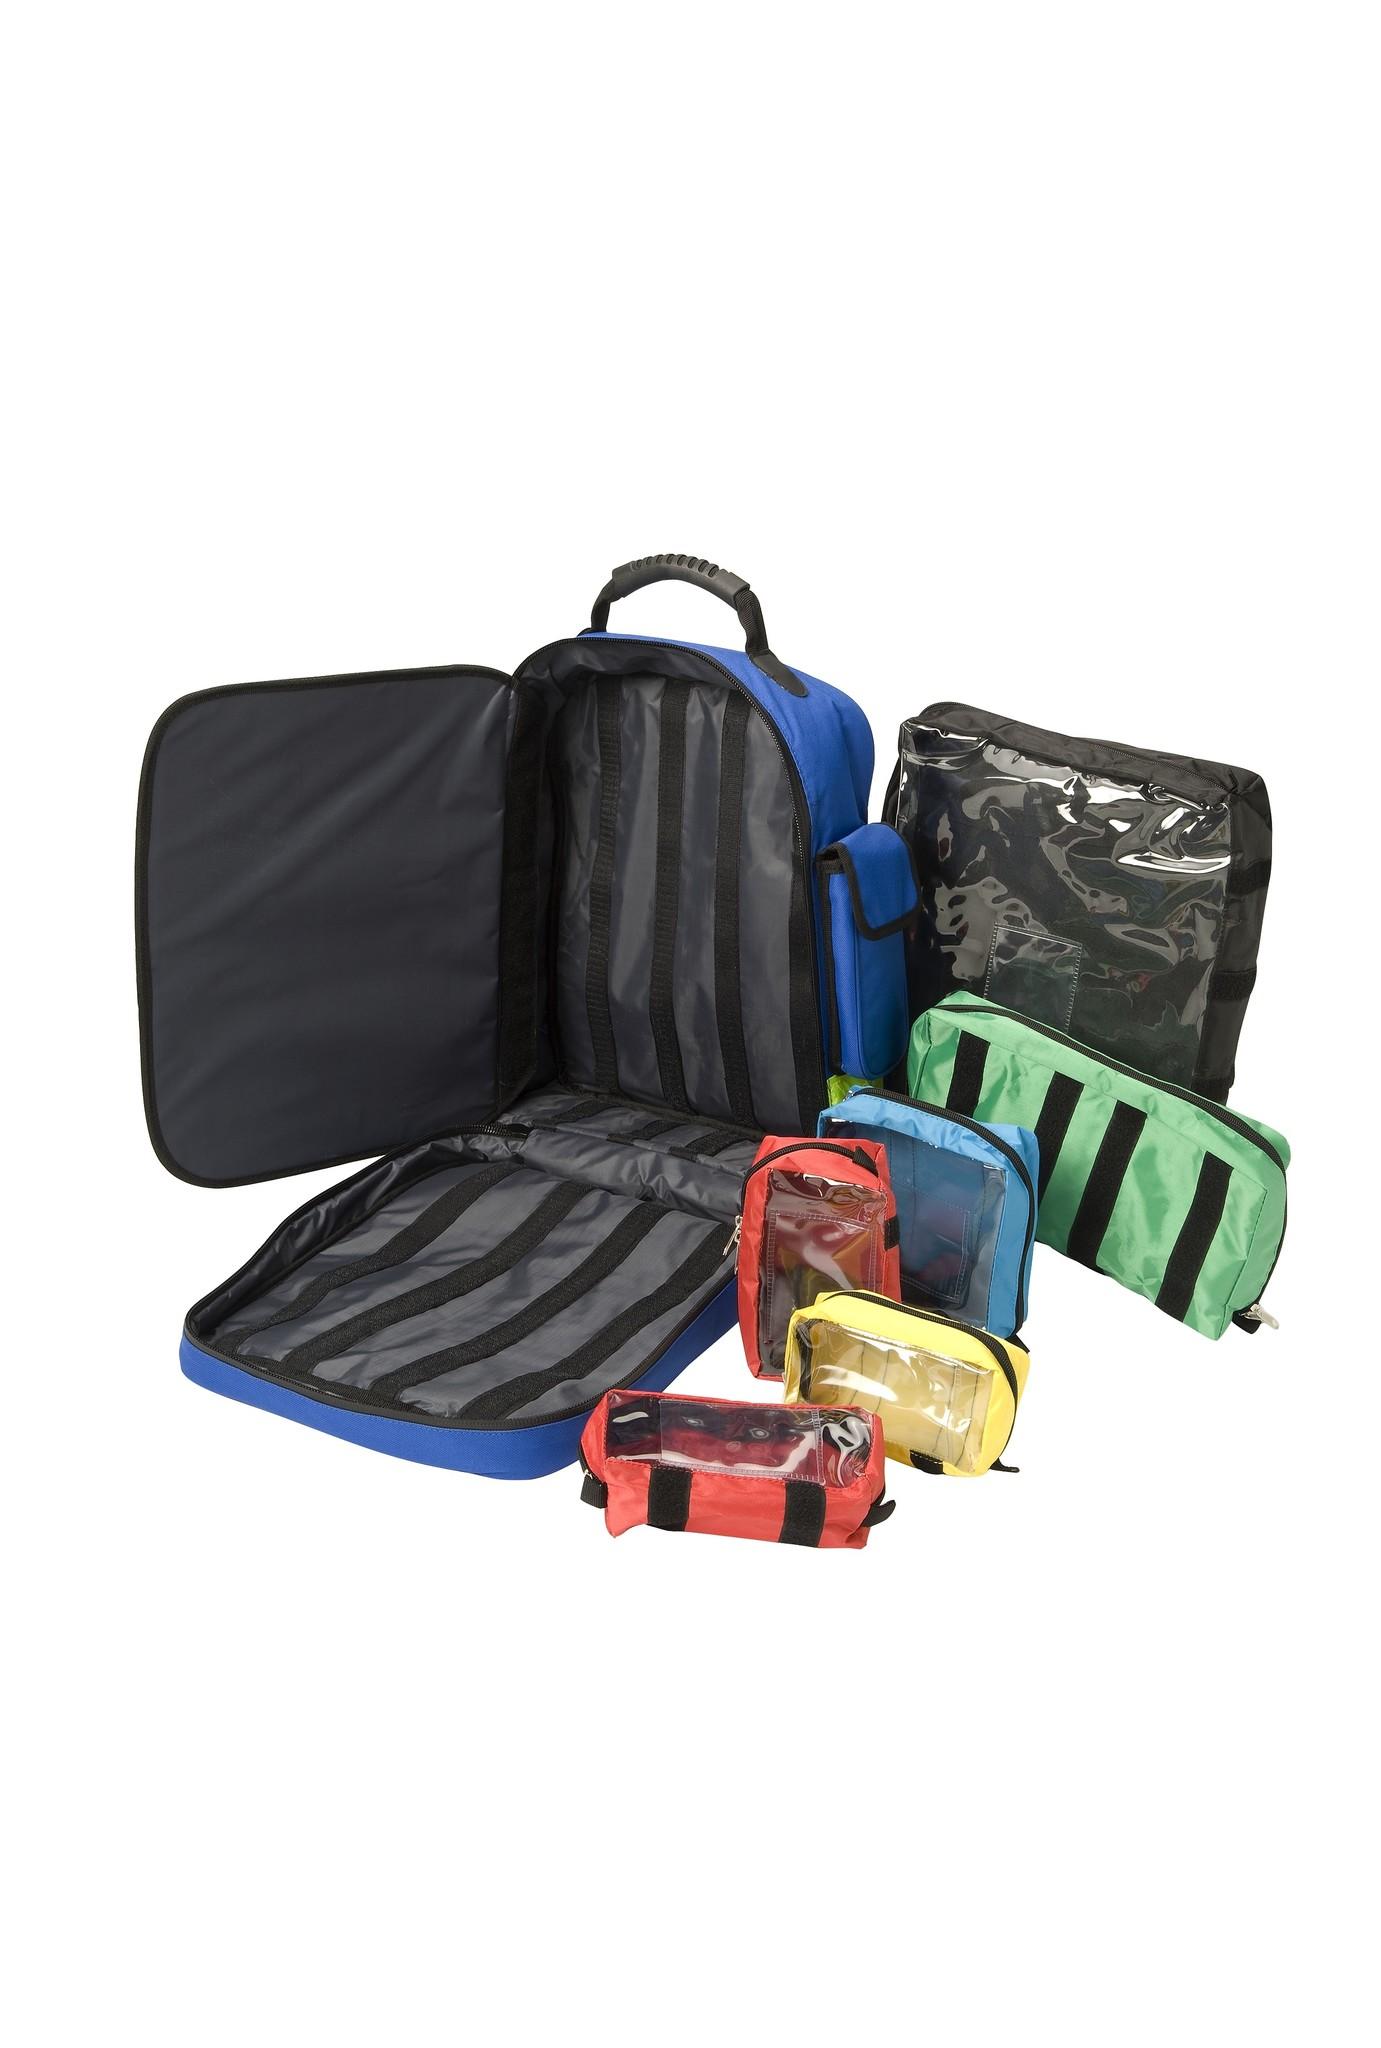 HEKA Erste Hilfe Rucksack blau - ohne Füllung